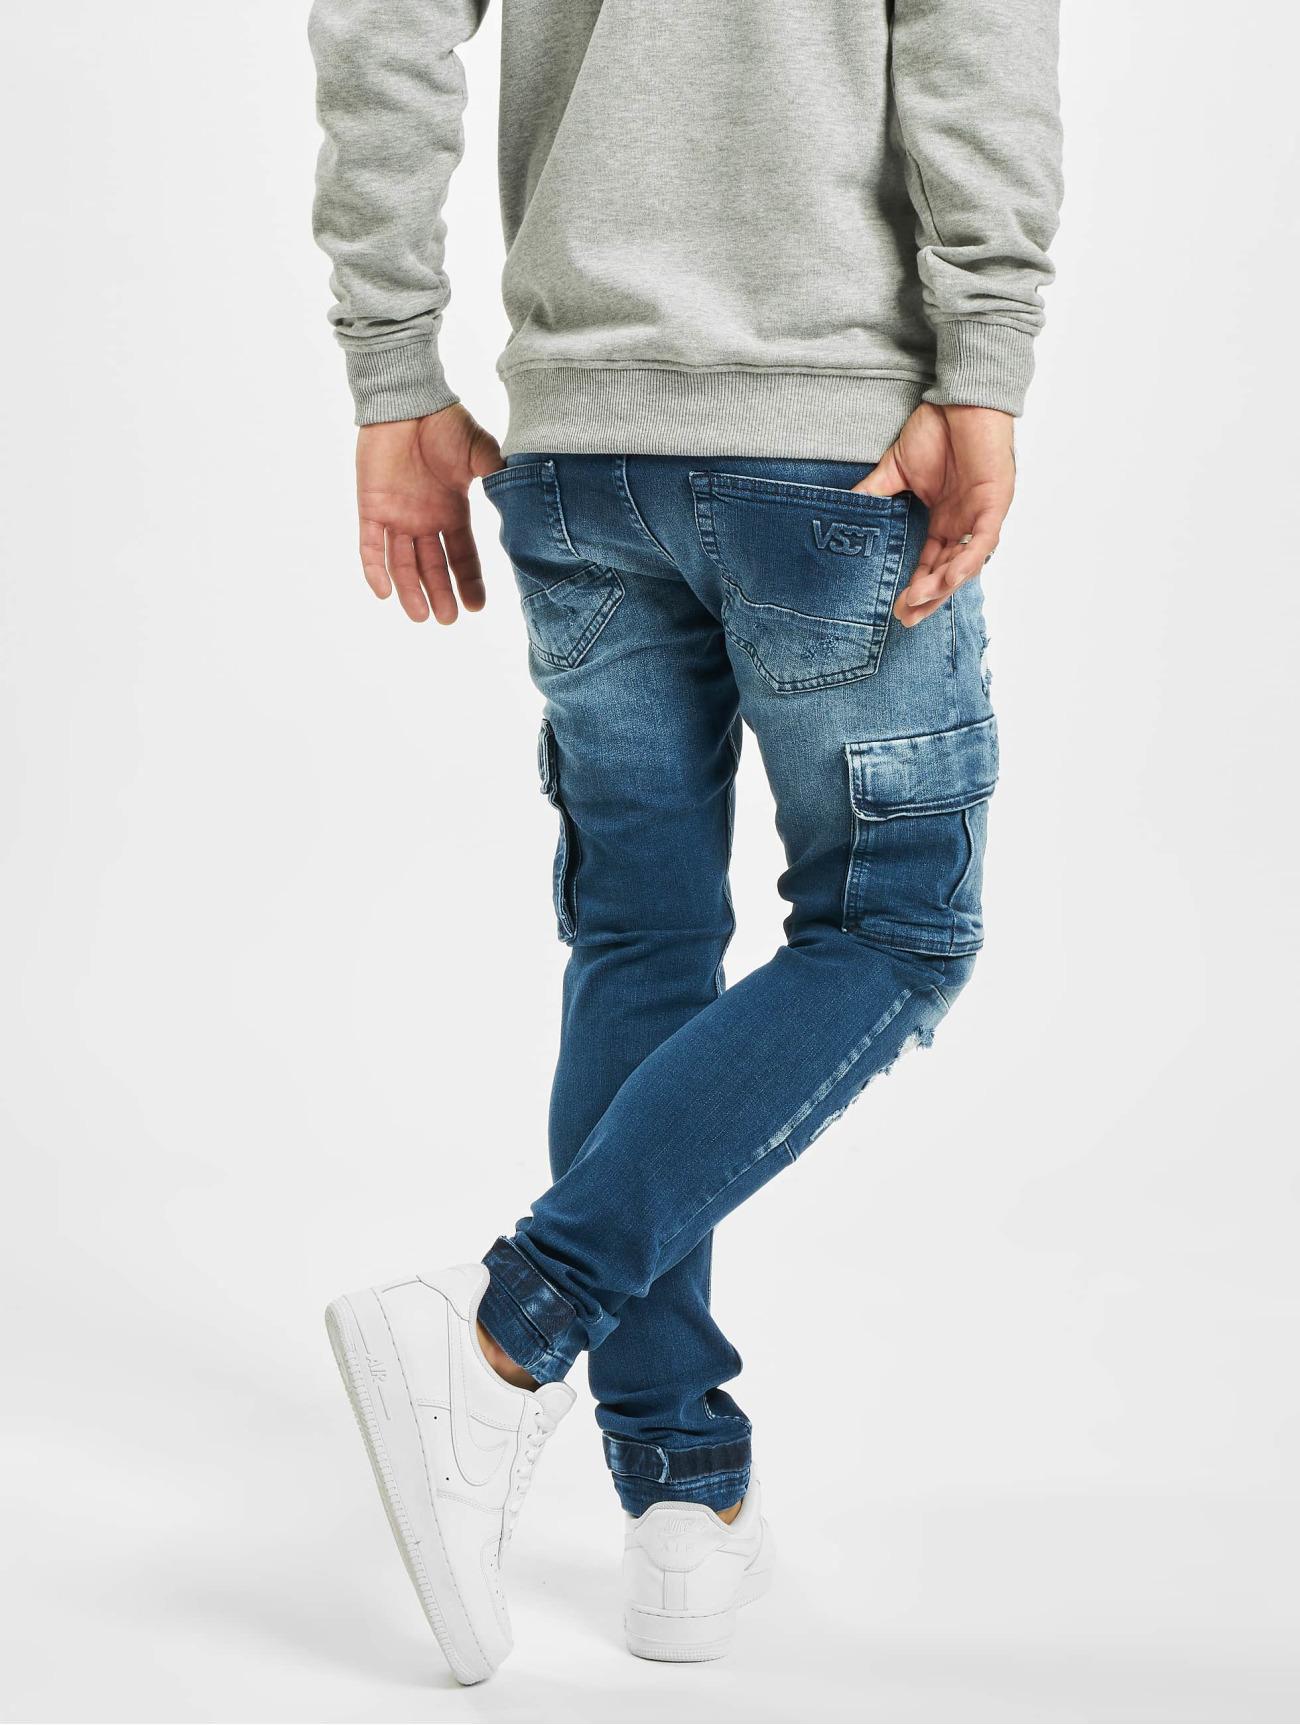 VSCT Clubwear  Knox Adjust Hem  bleu Homme Pantalon cargo  492527 Homme Pantalons & Shorts